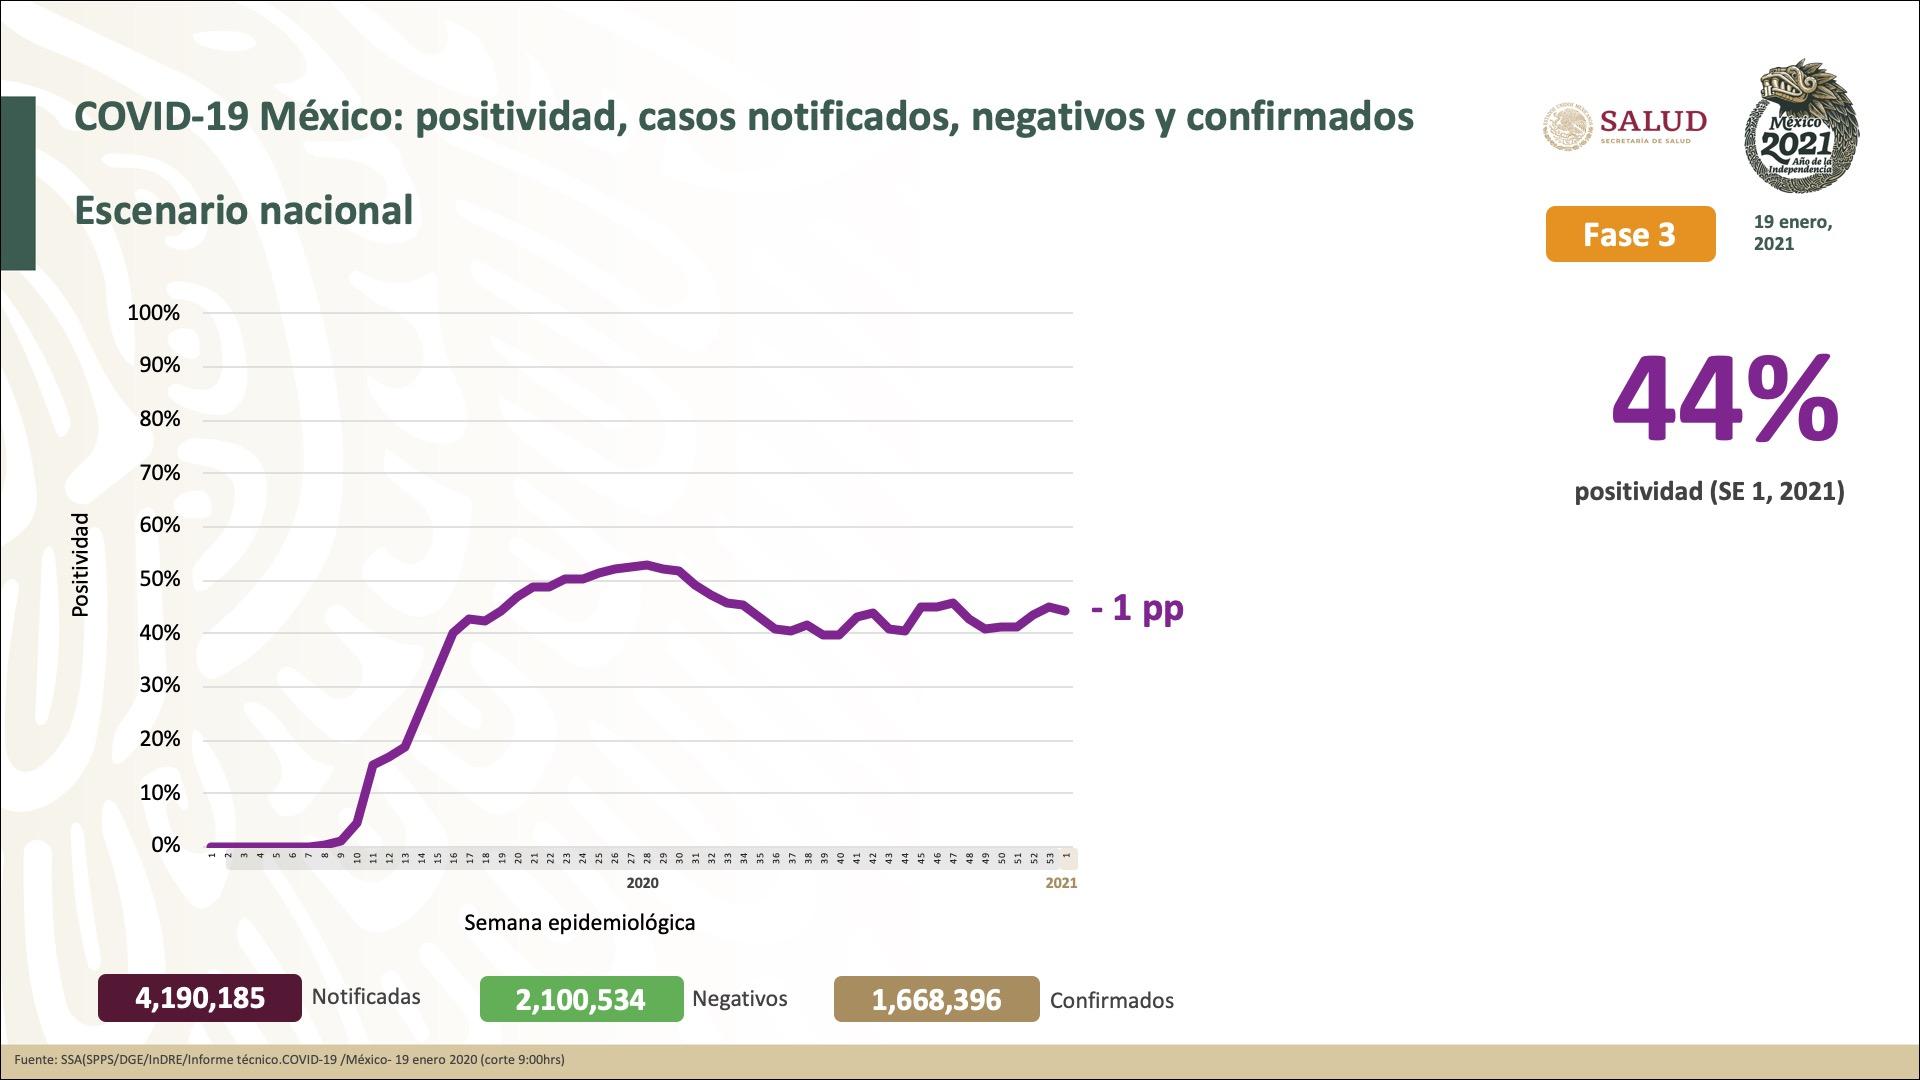 México registra 142,832 defunciones por COVID-19 y 1,668,396 casos confirmados: SSA